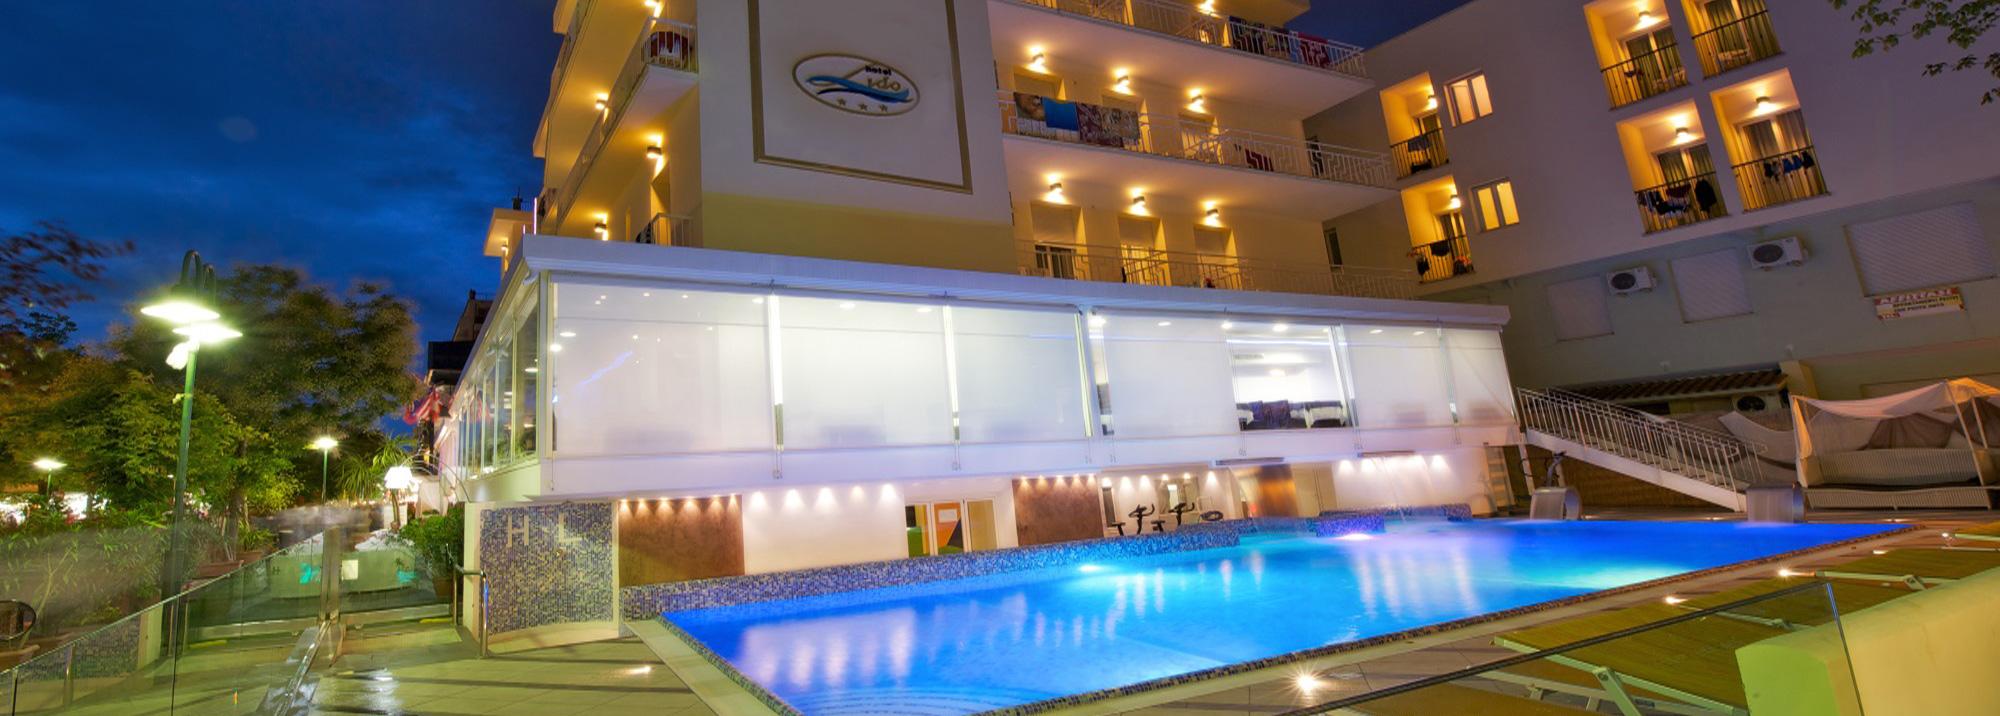 Hotel Cattolica piscina di sera